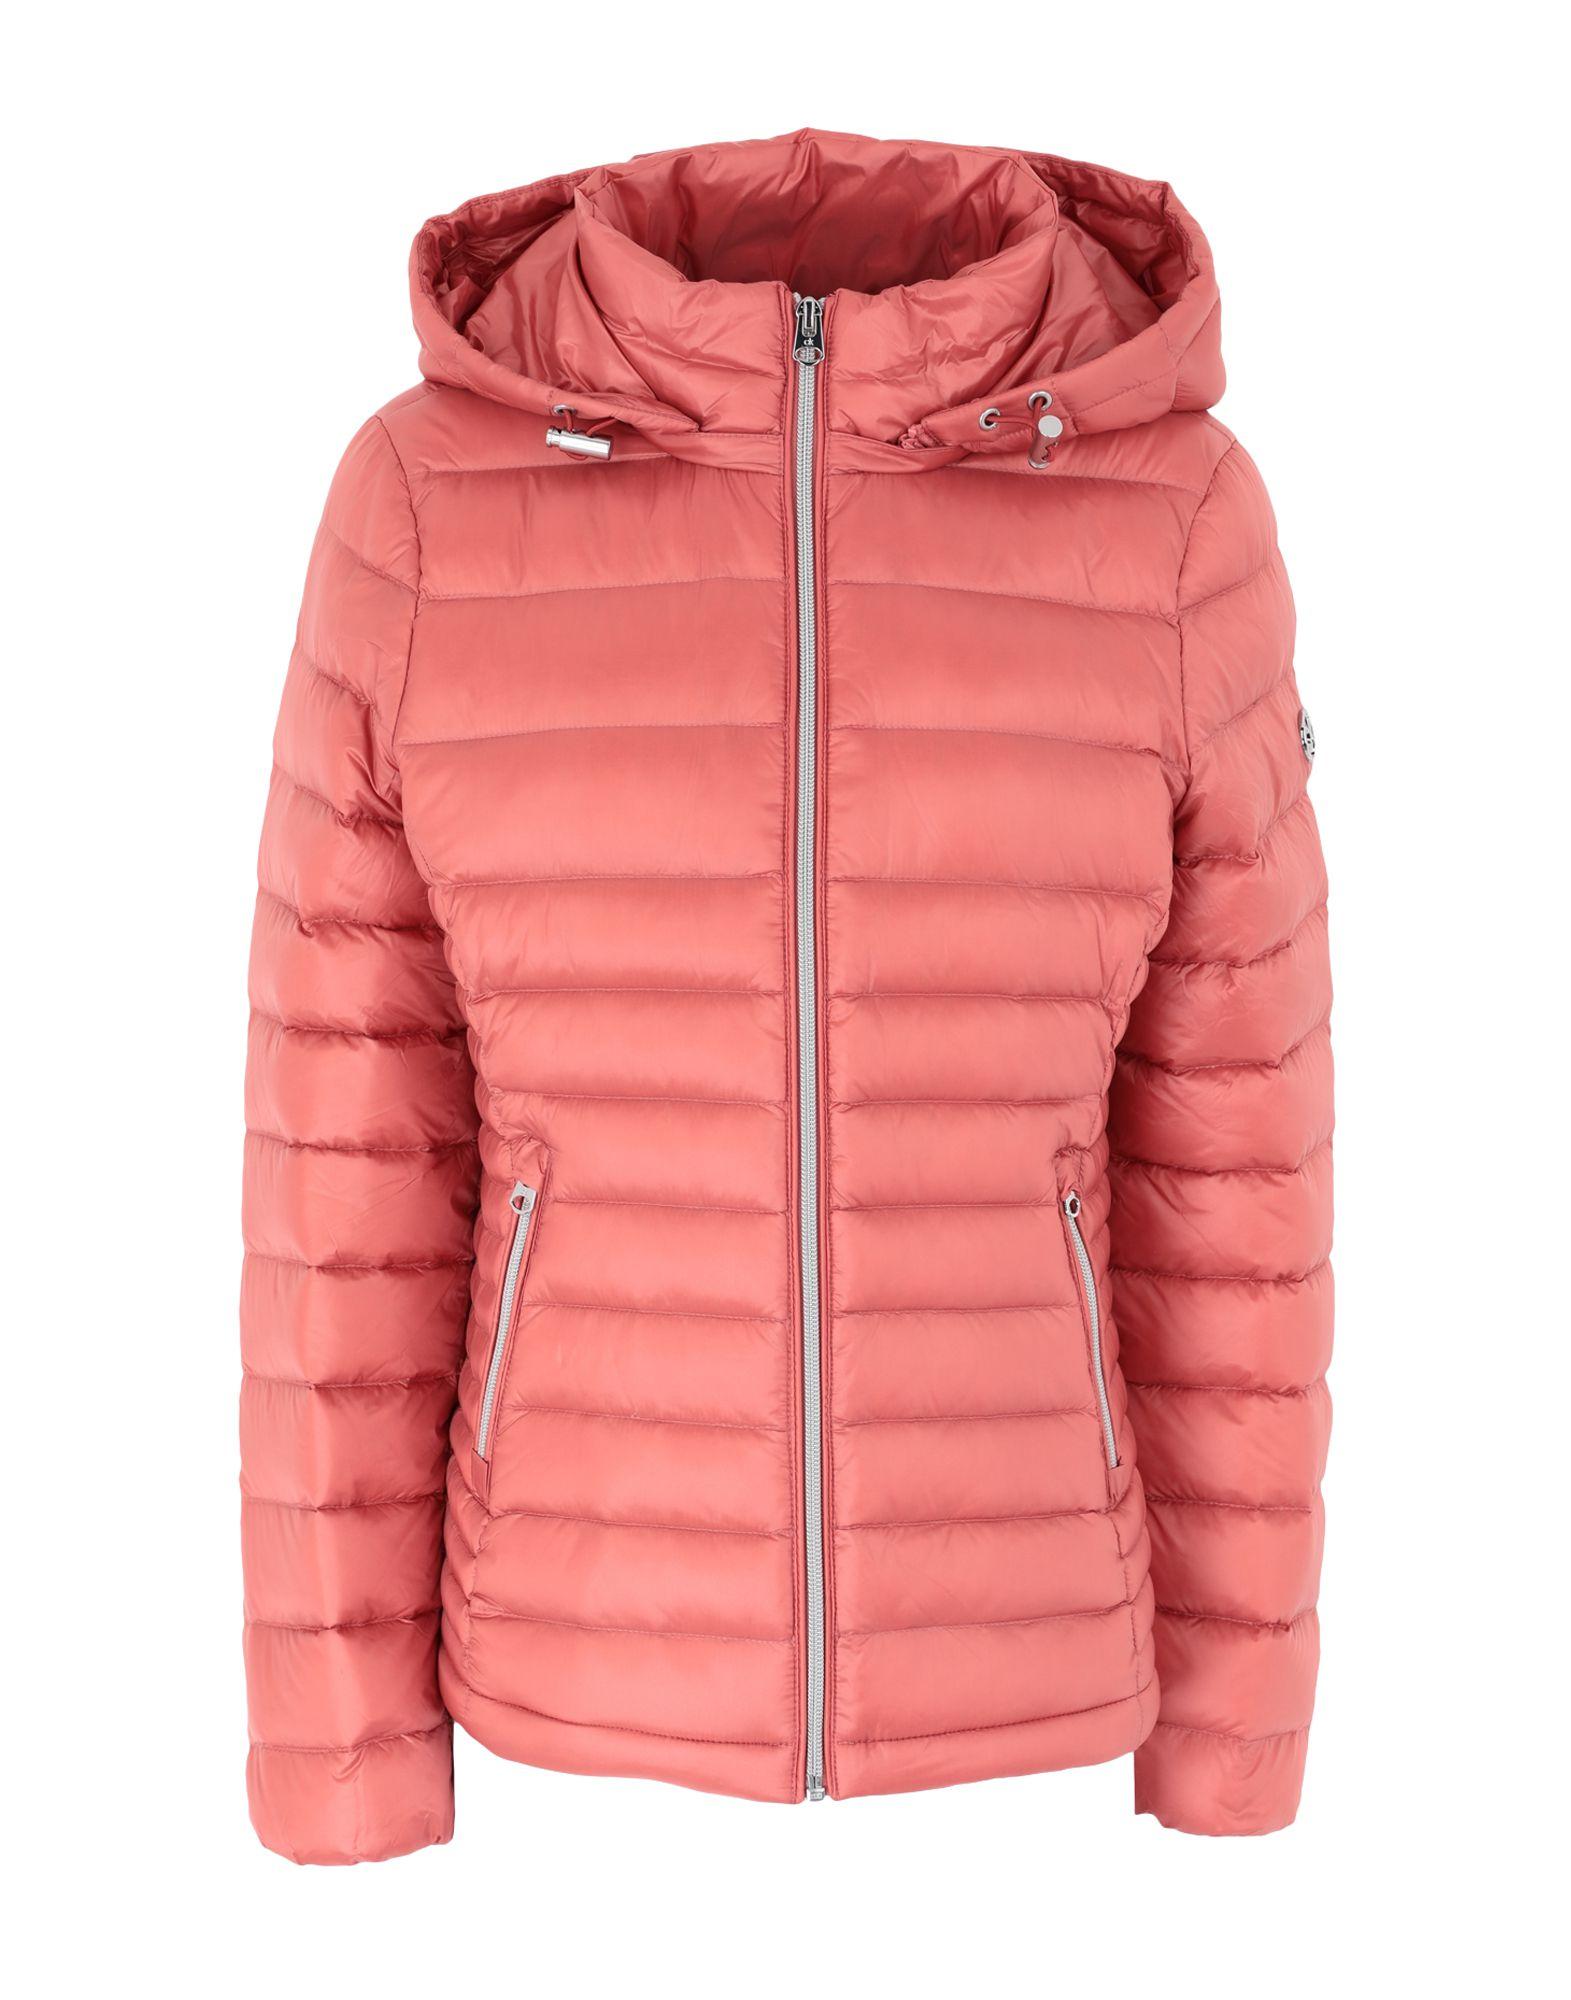 CALVIN KLEIN Down jackets - Item 41987367